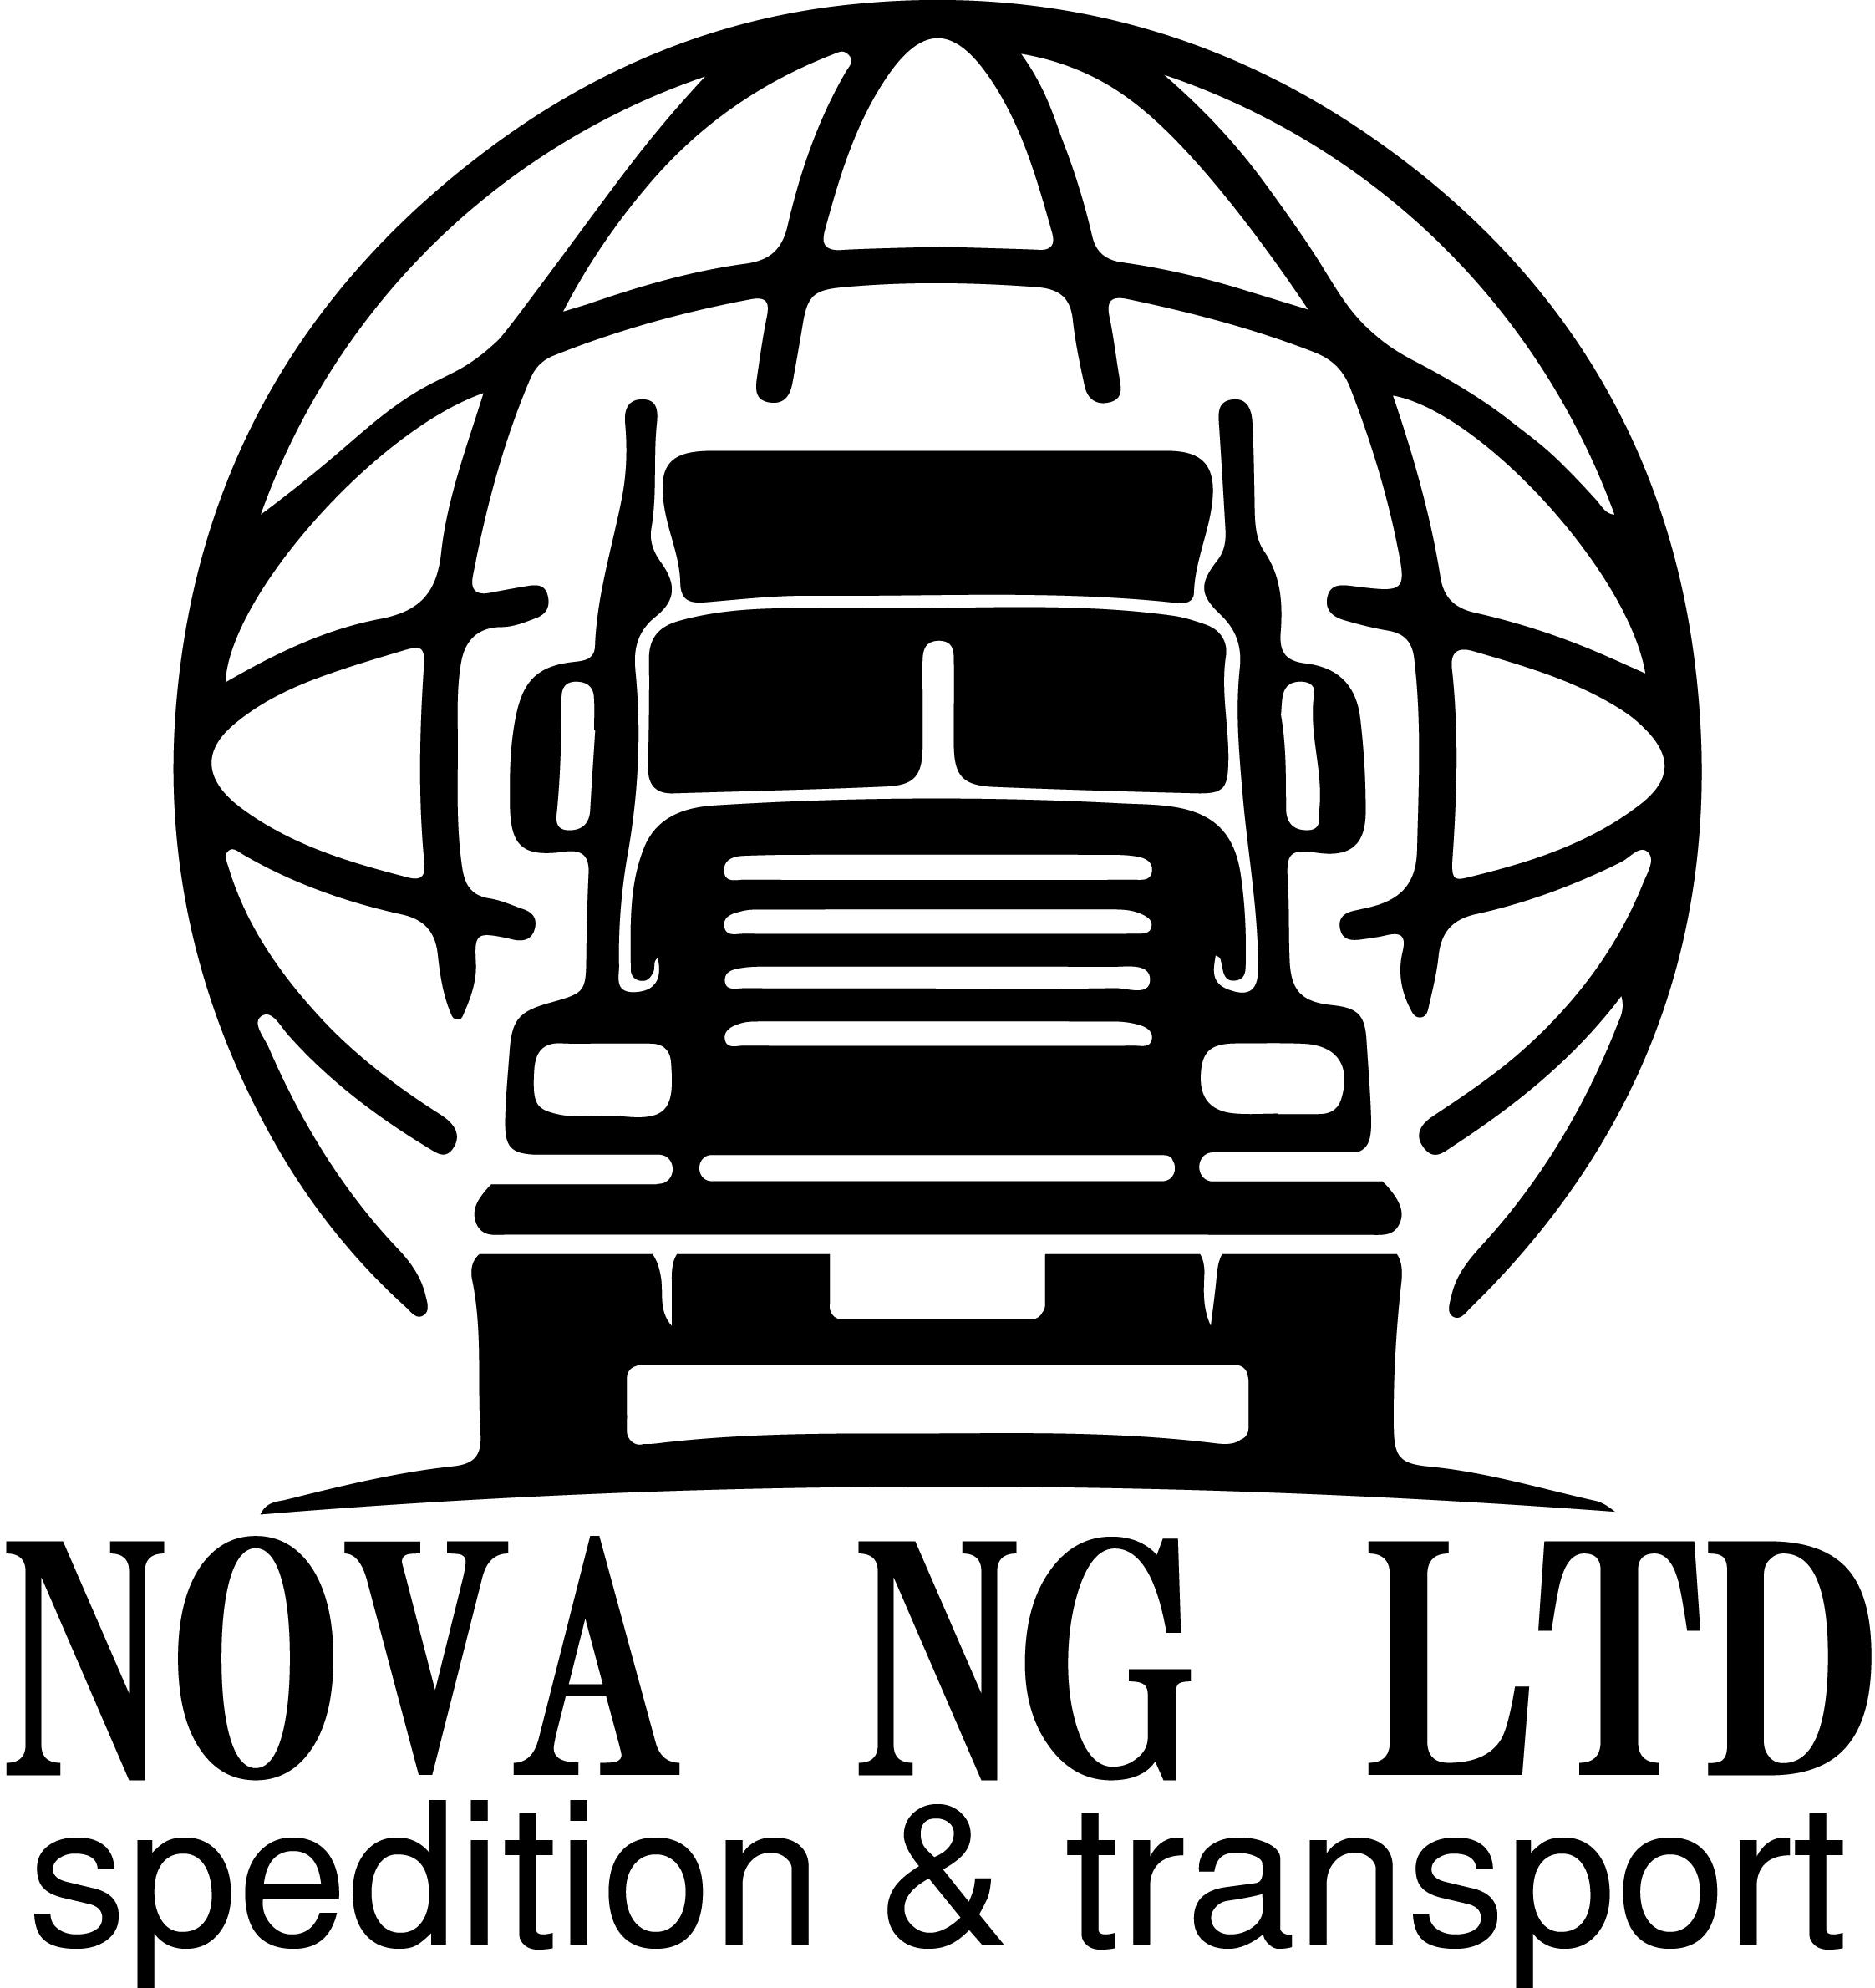 Nova NG Ltd.